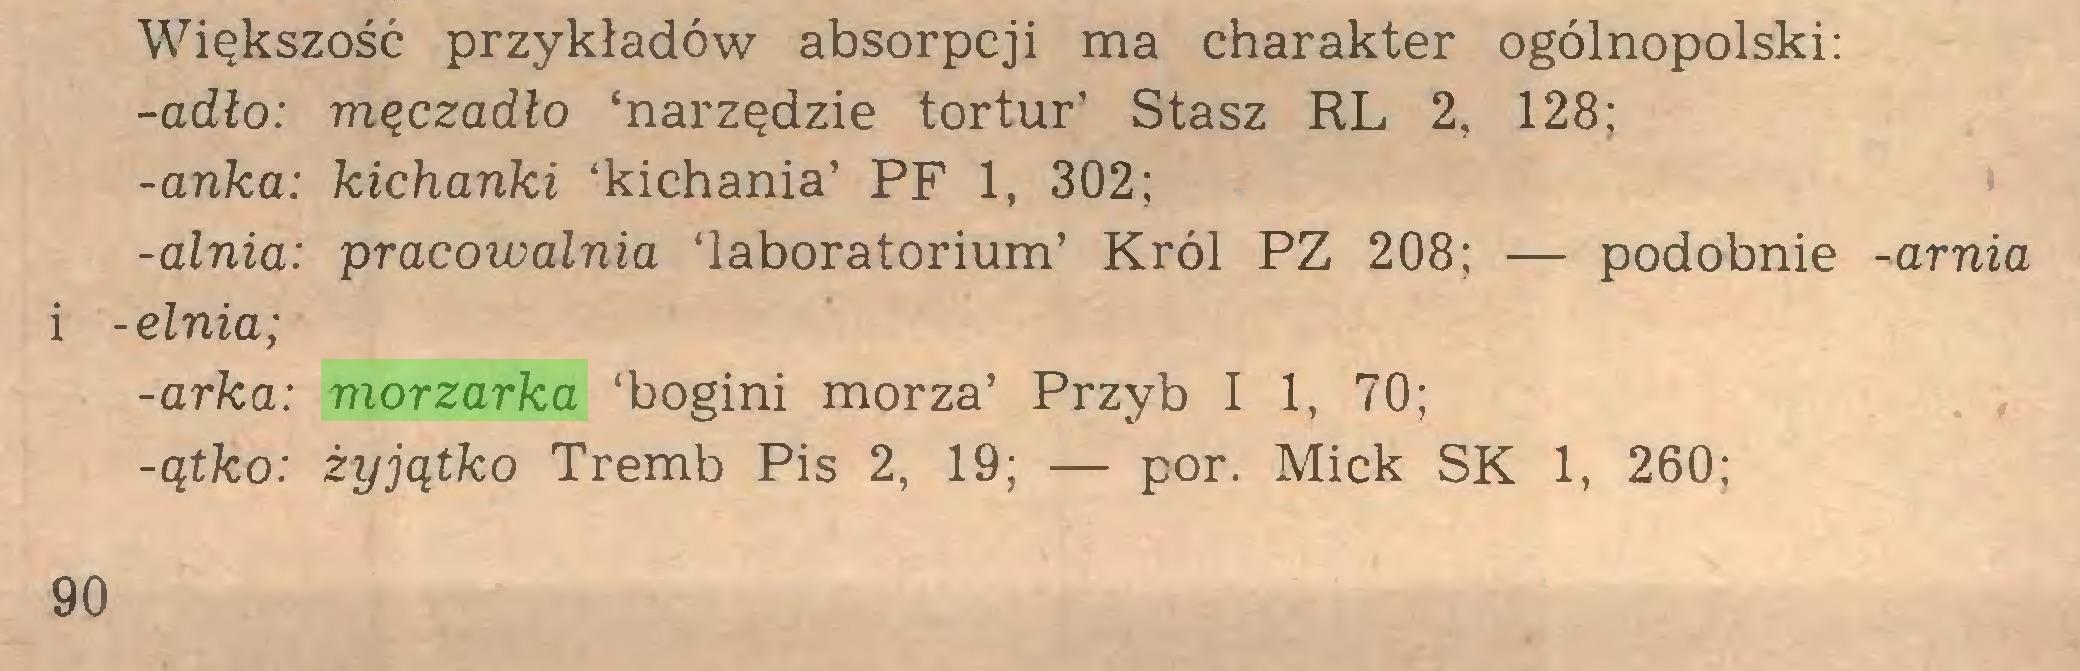 (...) Większość przykładów absorpcji ma charakter ogólnopolski: -adło: męczadło 'narzędzie tortur' Stasz RL 2, 128; -anka: kichanki 'kichania' PF 1, 302; -alnia: pracowalnia 'laboratorium' Król PZ 208; — podobnie -arnia i -elnia; -arka: morzarka 'bogini morza' Przyb I 1, 70; -ątko: żyjątko Tremb Pis 2, 19; — por. Mick SK 1, 260; 90...